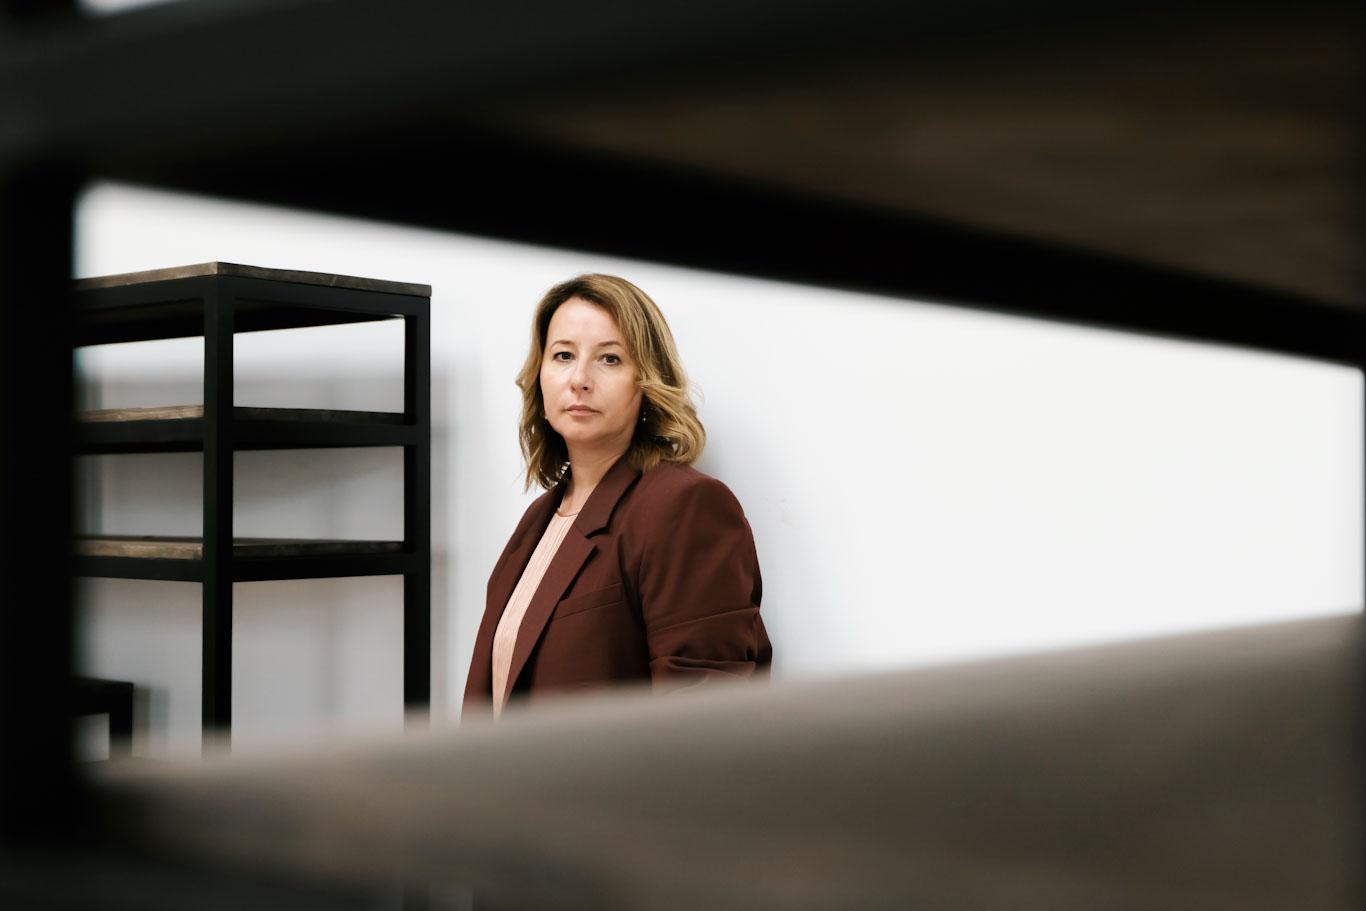 Наталья Тимакова, пресс-секретарь президента Путина, Медведева